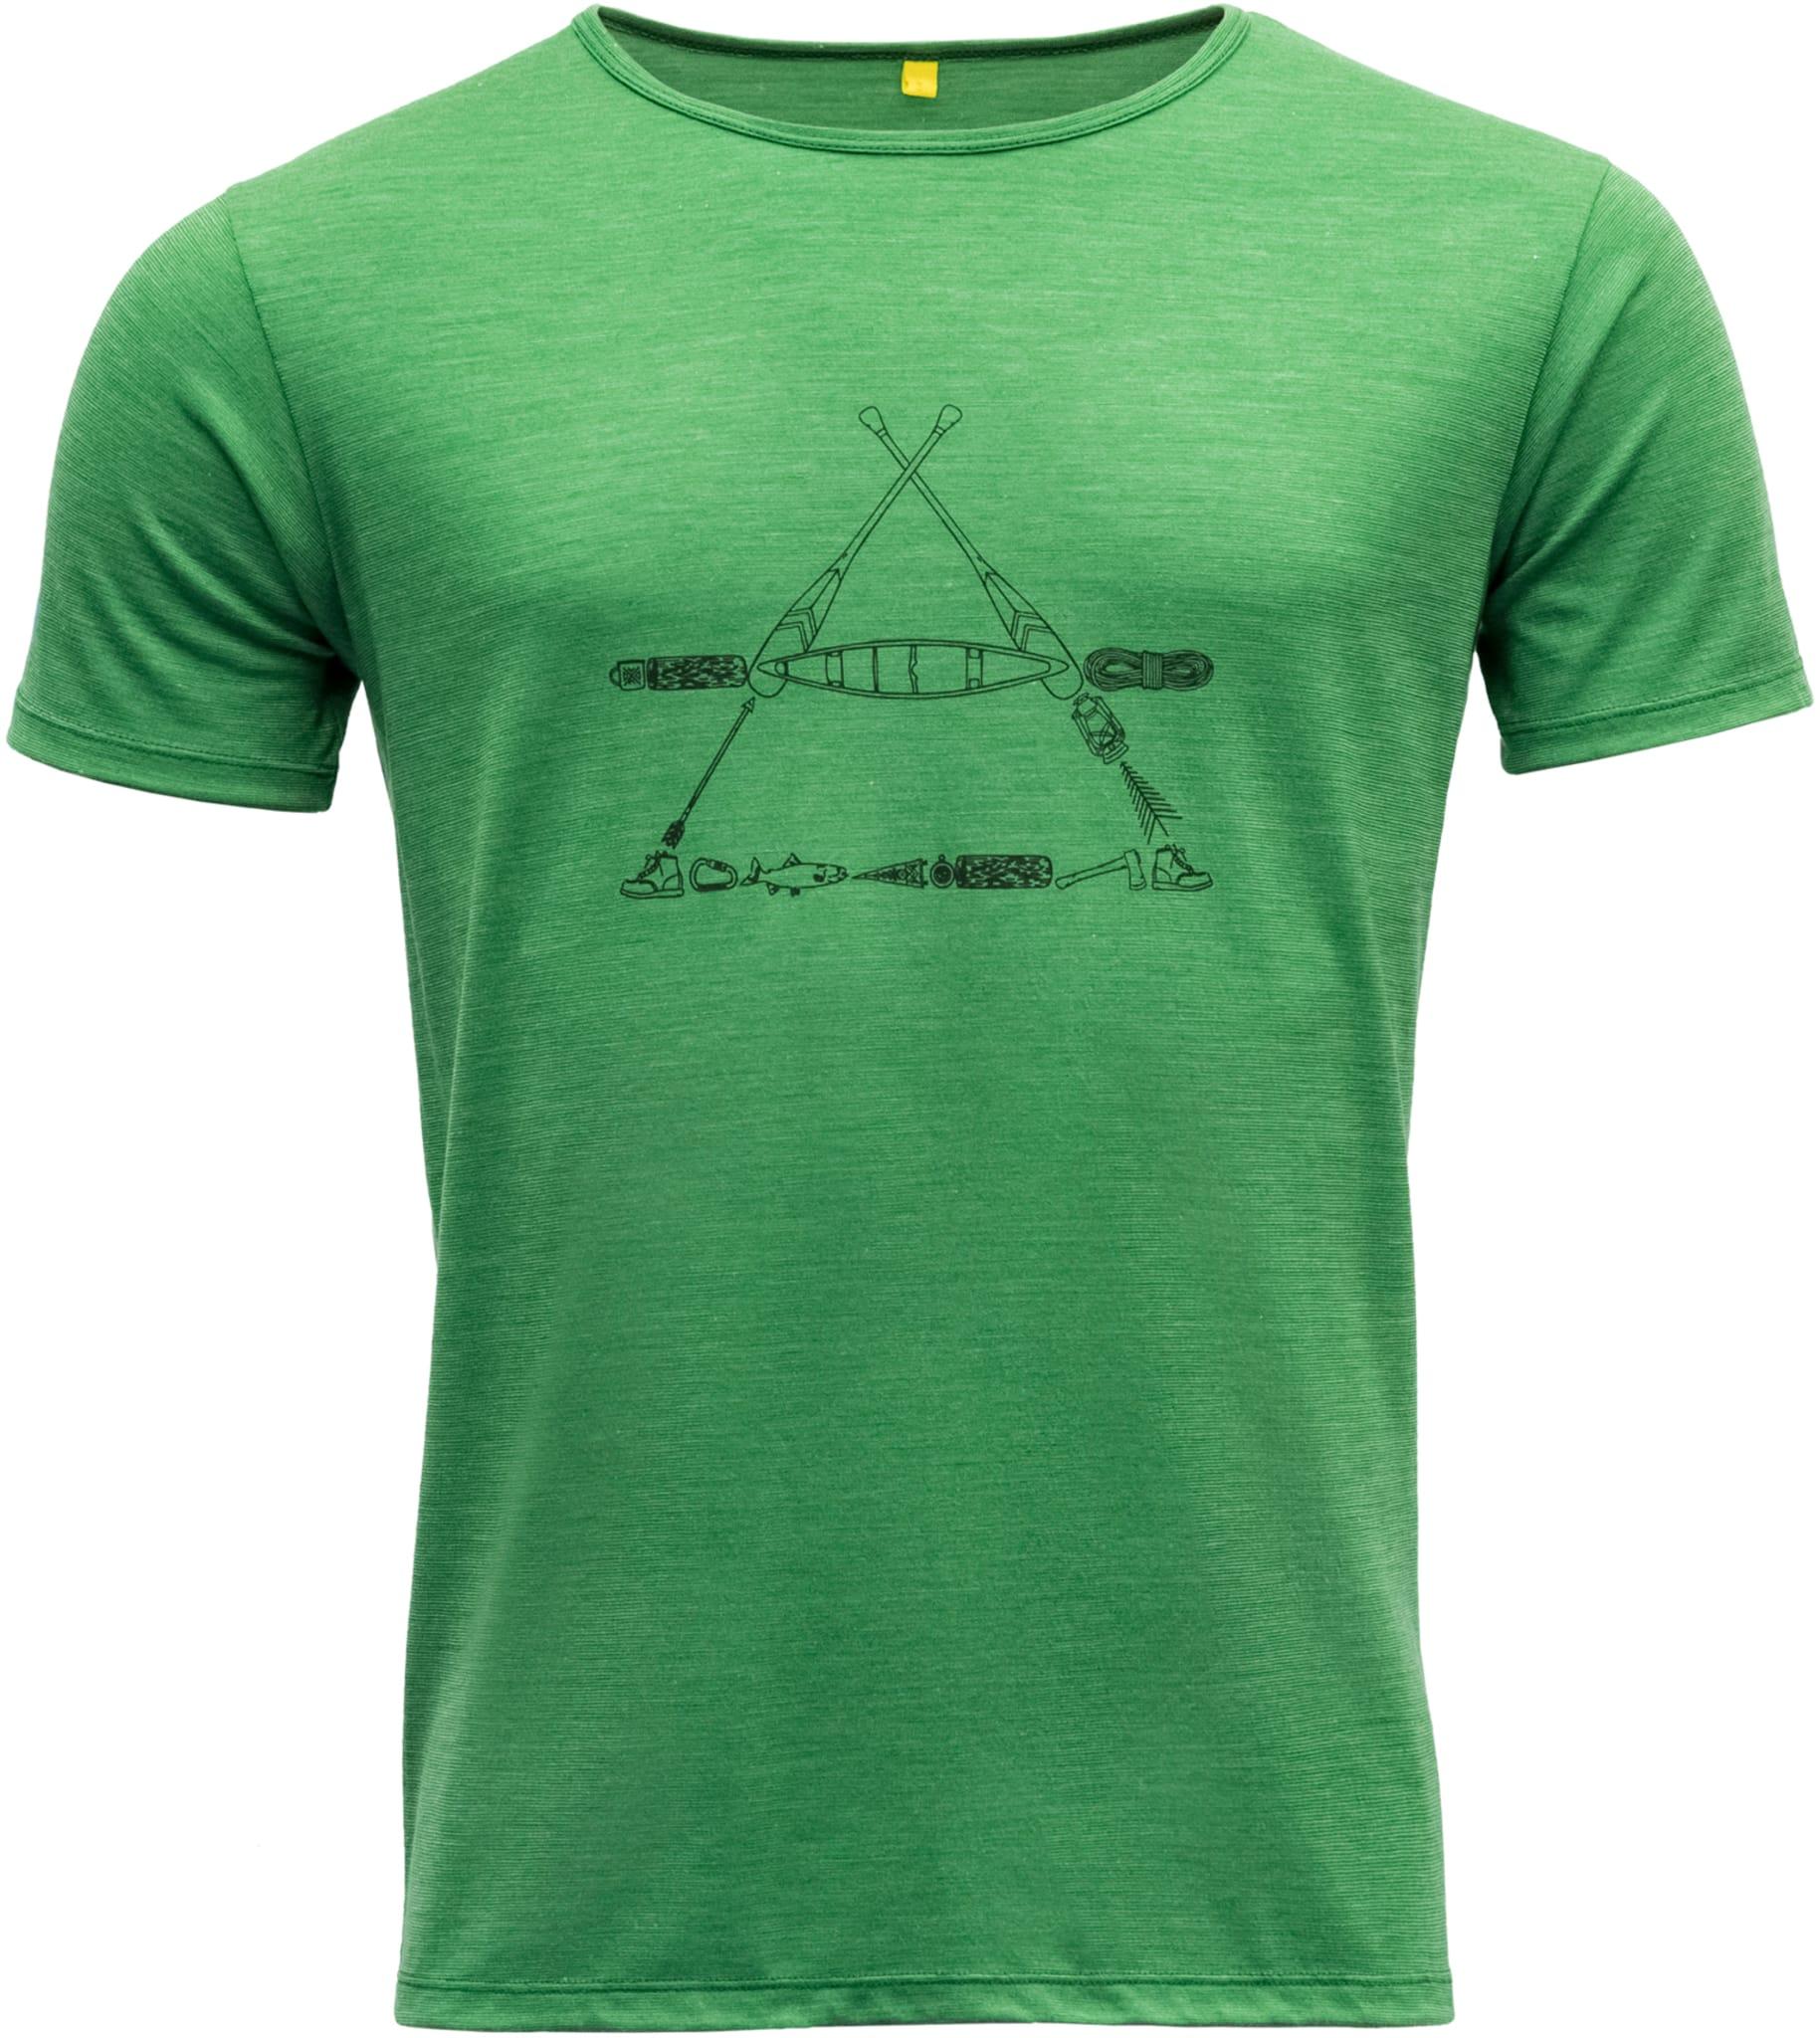 Behagelig og ultralett hverdags T-skjorte